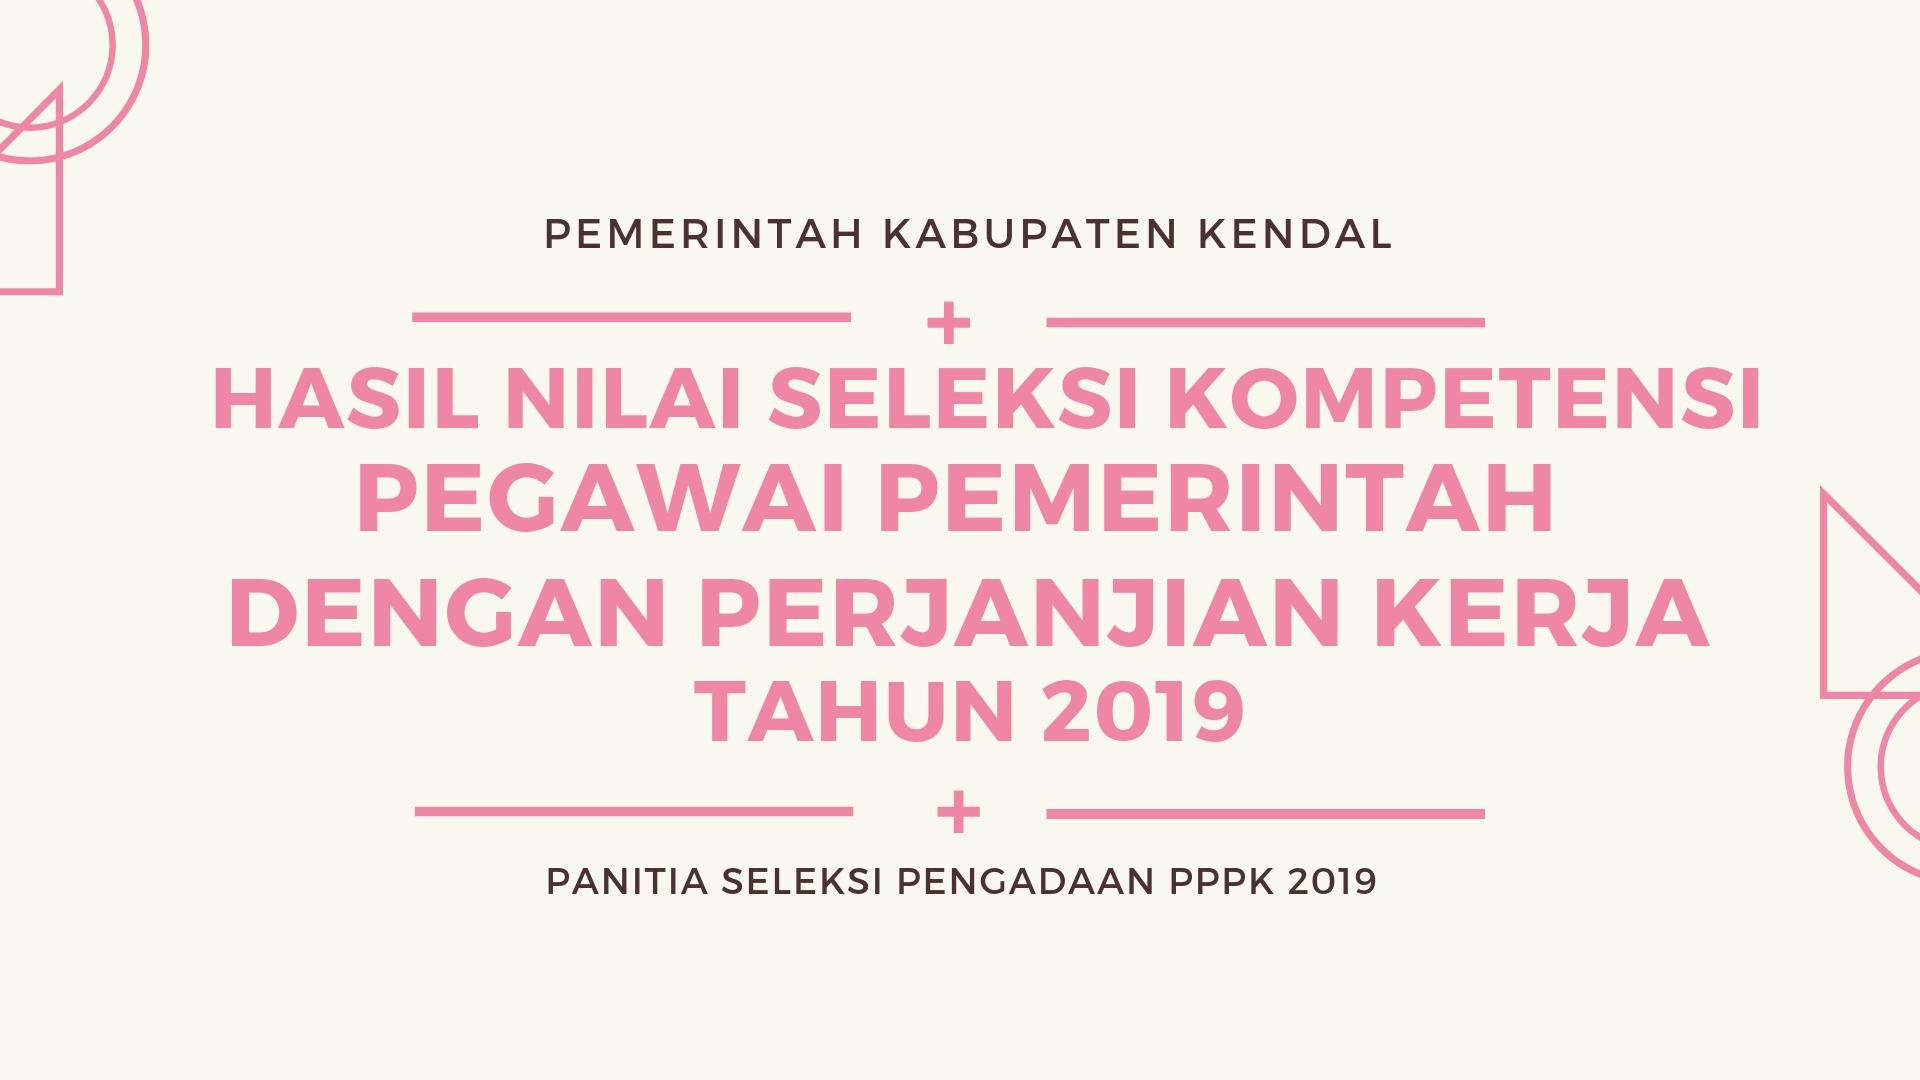 Hasil Nilai Ujian Seleksi Kompetensi CAT-UNBK Seleksi PPPK Tahun 2019